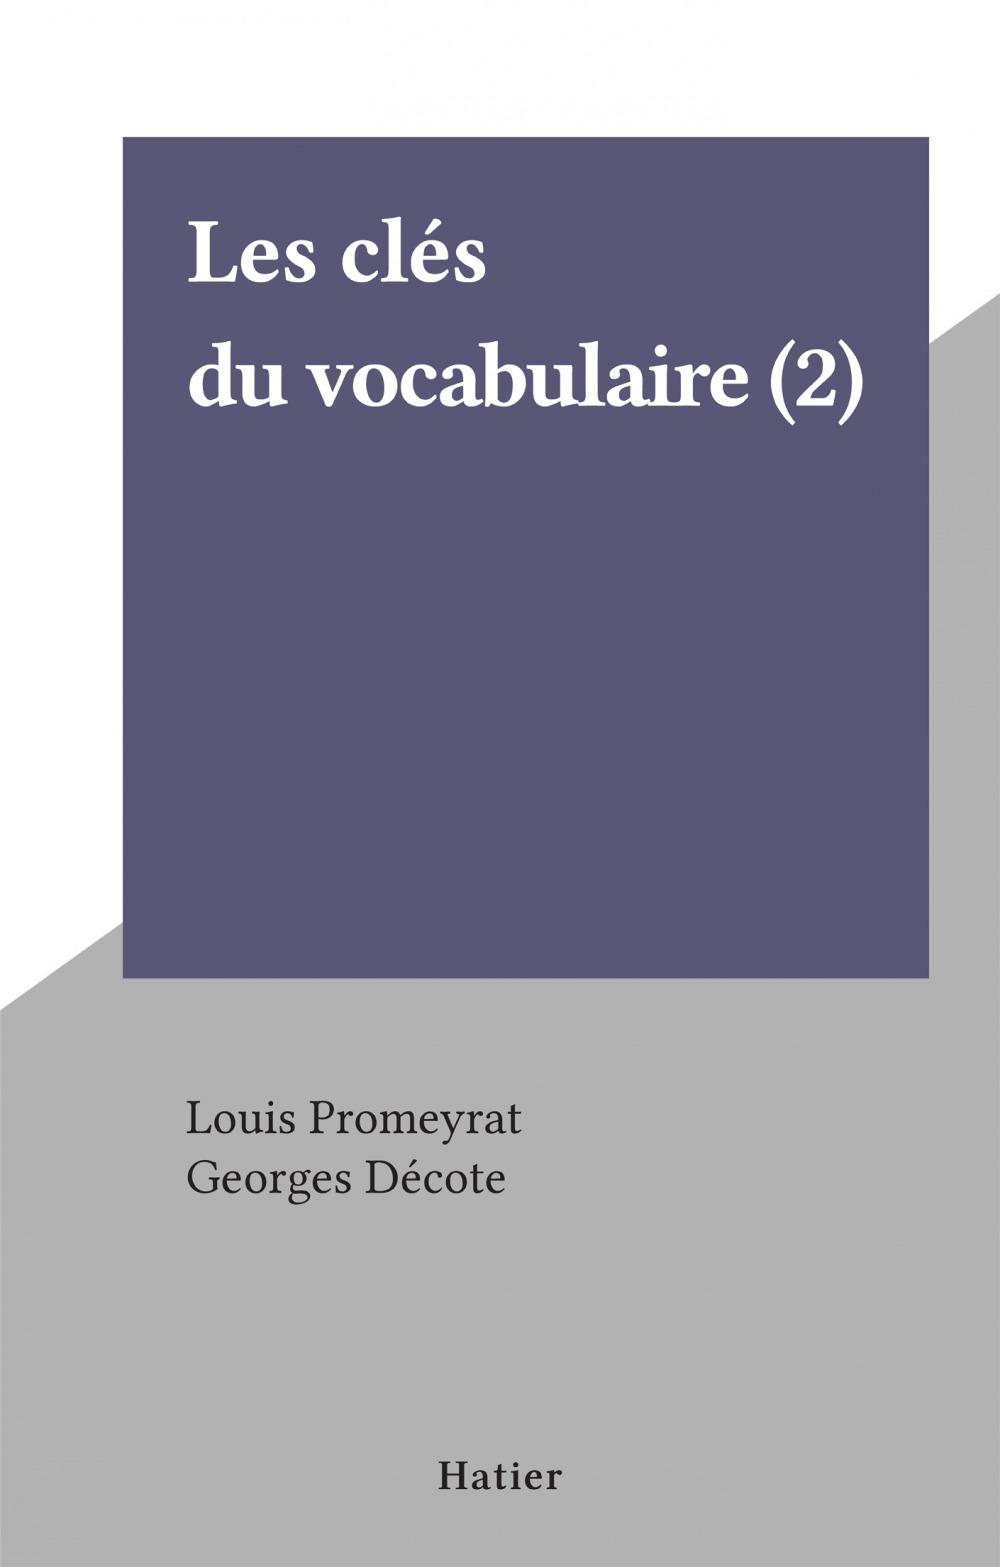 Les clés du vocabulaire (2)